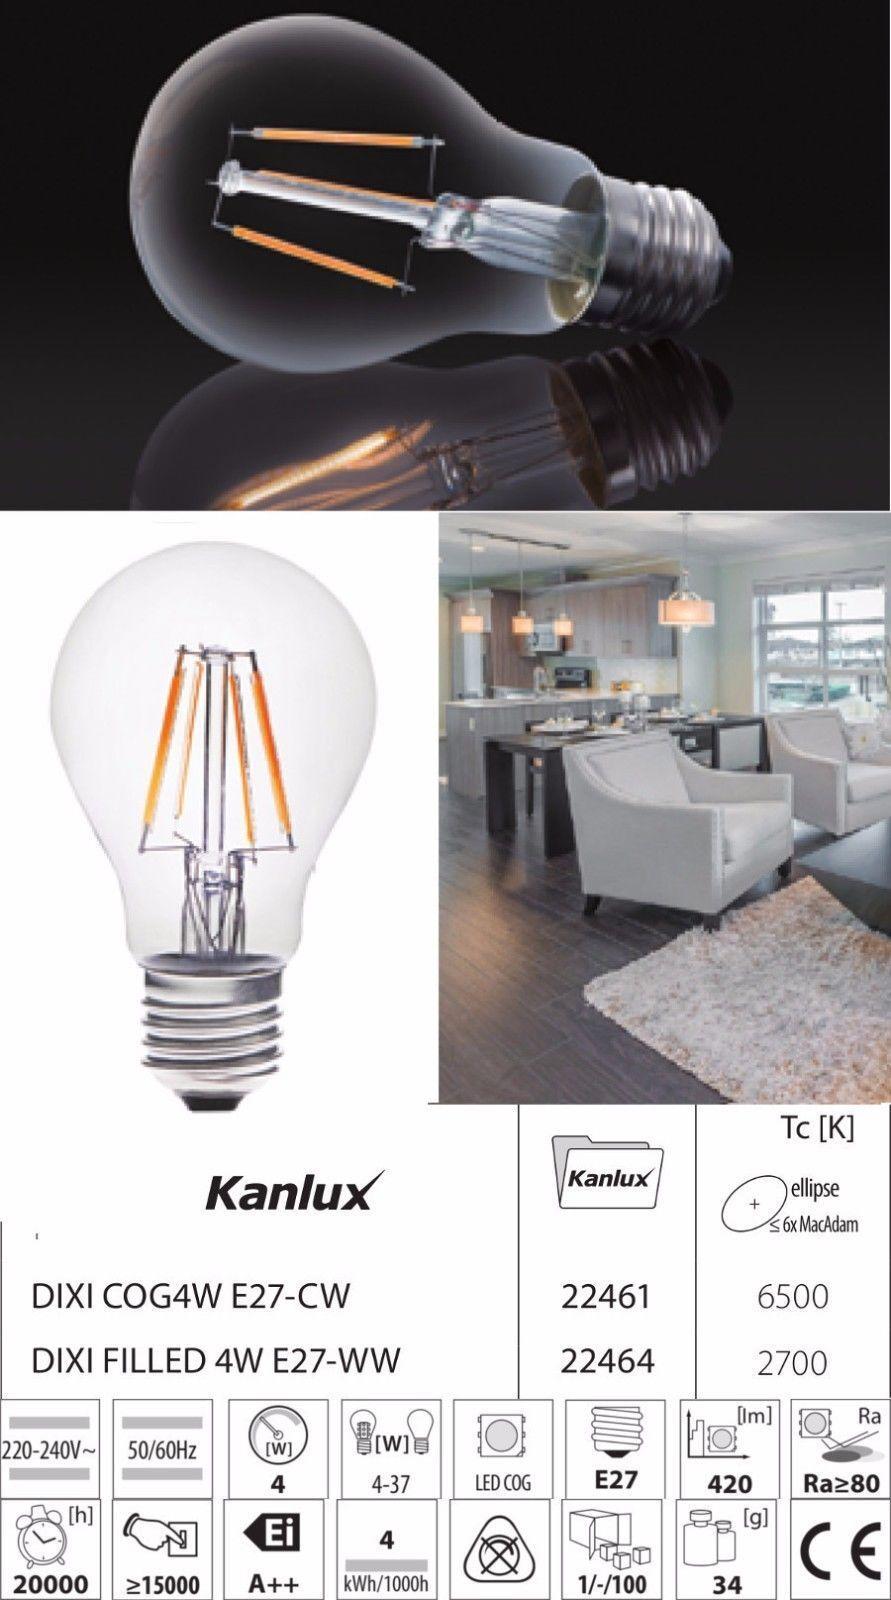 10x kanlux filaHommes ampoule t led 2W/4W bougie/gls ampoule filaHommes lampe lumière 2700K/6500K fd5ef8